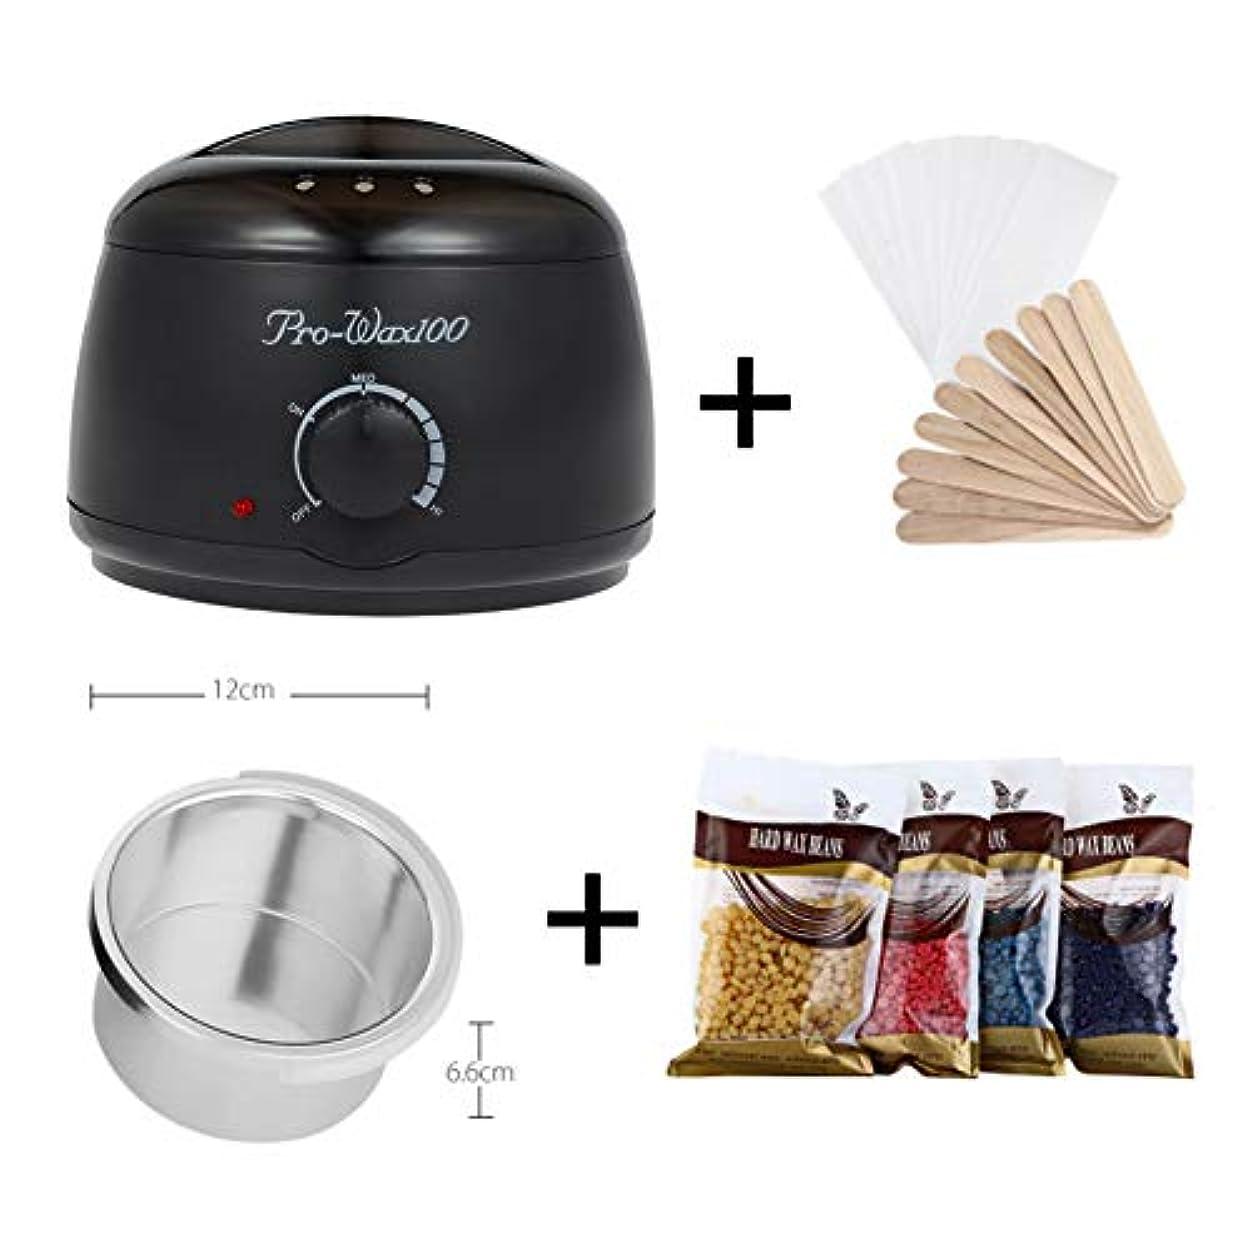 ハーフ途方もない貪欲Professional Mini Wax Heater Hair Removal Tool Epilator Wax Warmer Hand Epilator Wax Machine with Temperature Control [ プロのミニワックスヒーター脱毛ツール脱毛器ワックスウォーマーハンド脱毛器ワックス温度制御付き ]